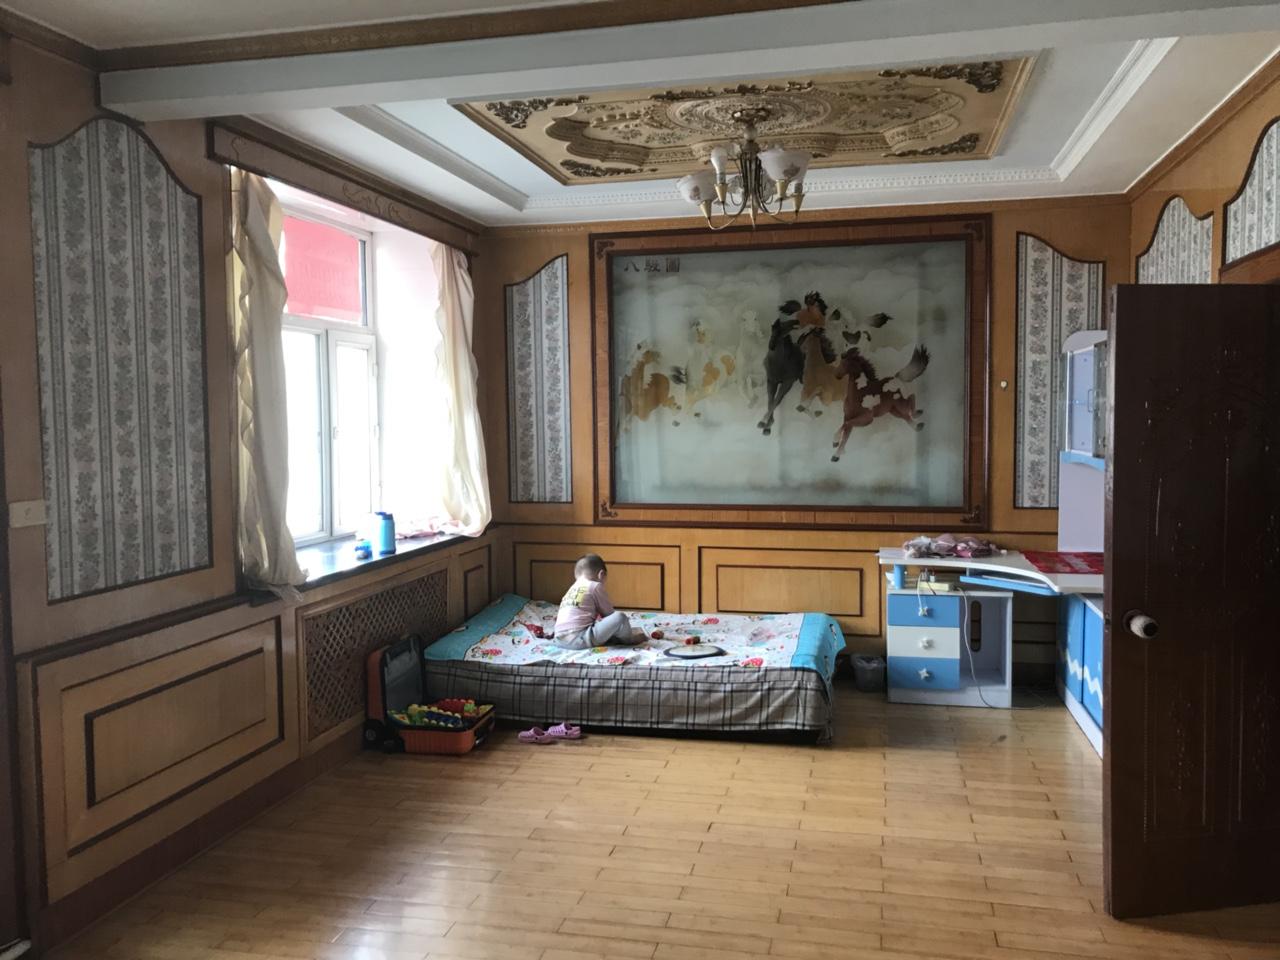 东牌楼小区2室 1厅 1卫833元/月